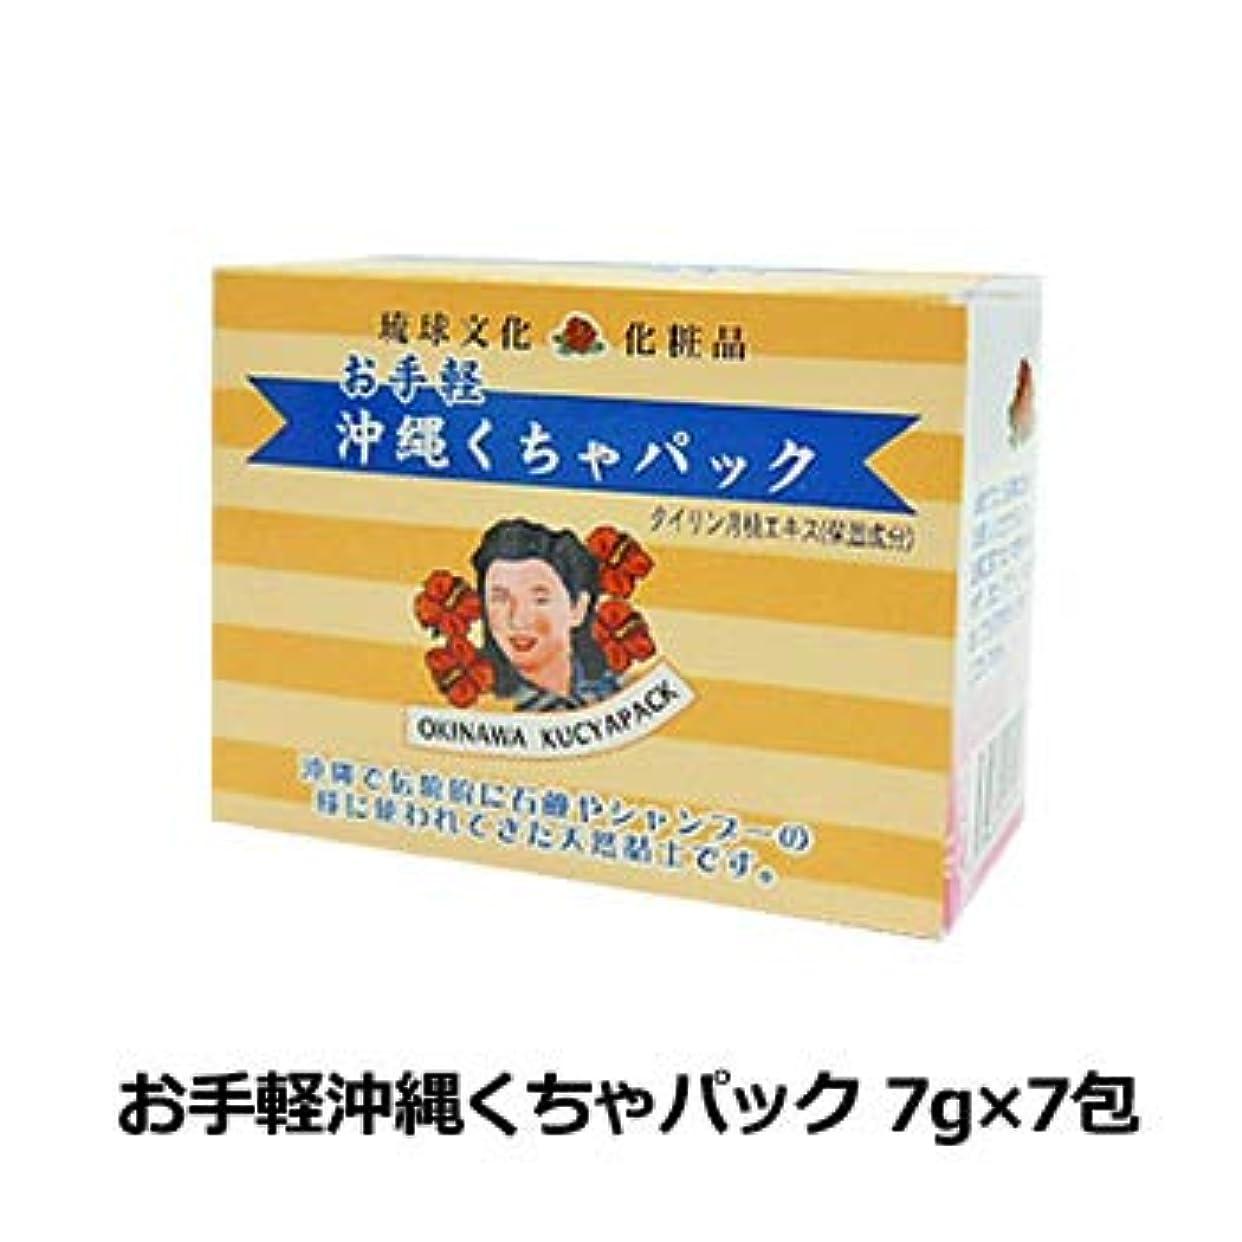 懲らしめ日没不当お手軽沖縄くちゃパック 7g×7包